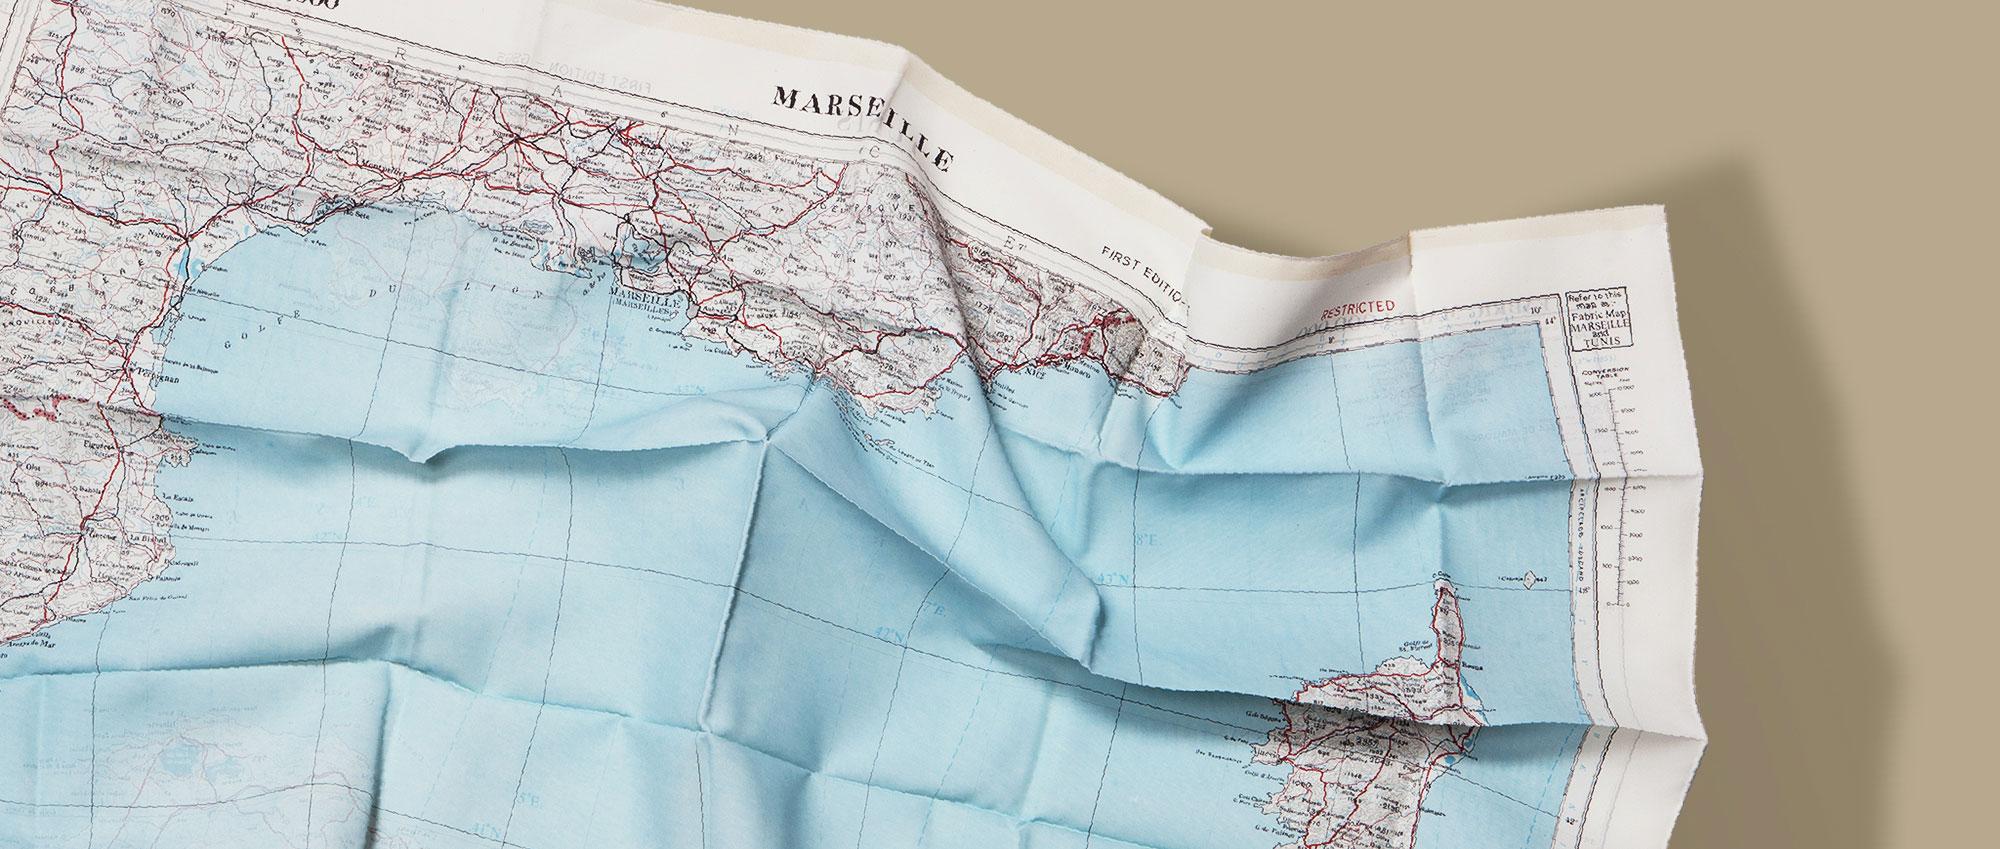 Bonhomme : Foulard d'Evasion Marseille